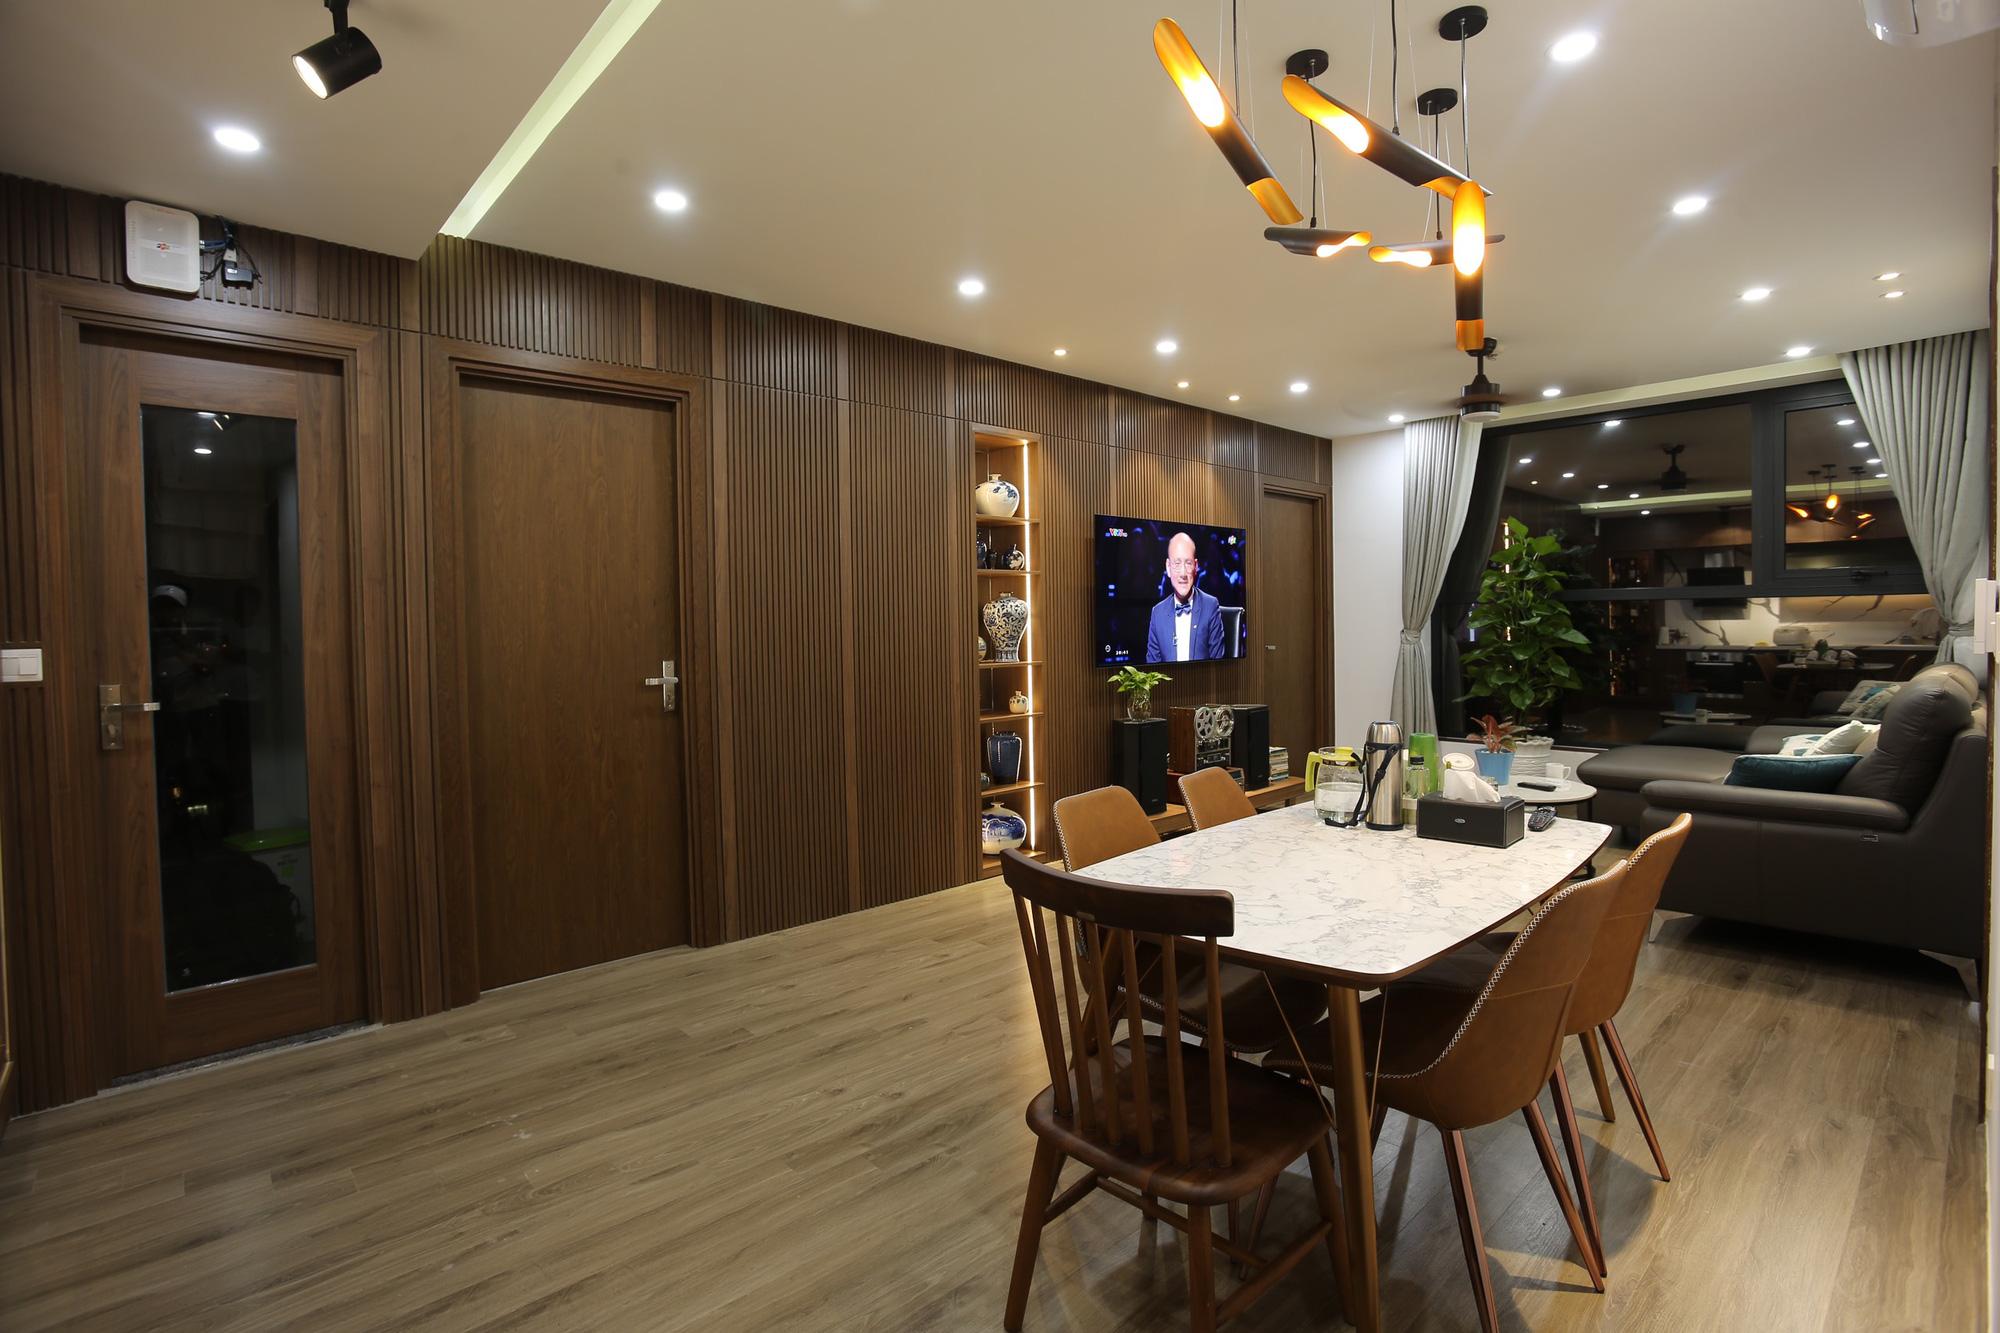 Khách hàng nhận bàn giao căn hộ Hud building Nha Trang, đón mùa xuân mới trên thành phố biển - Ảnh 5.